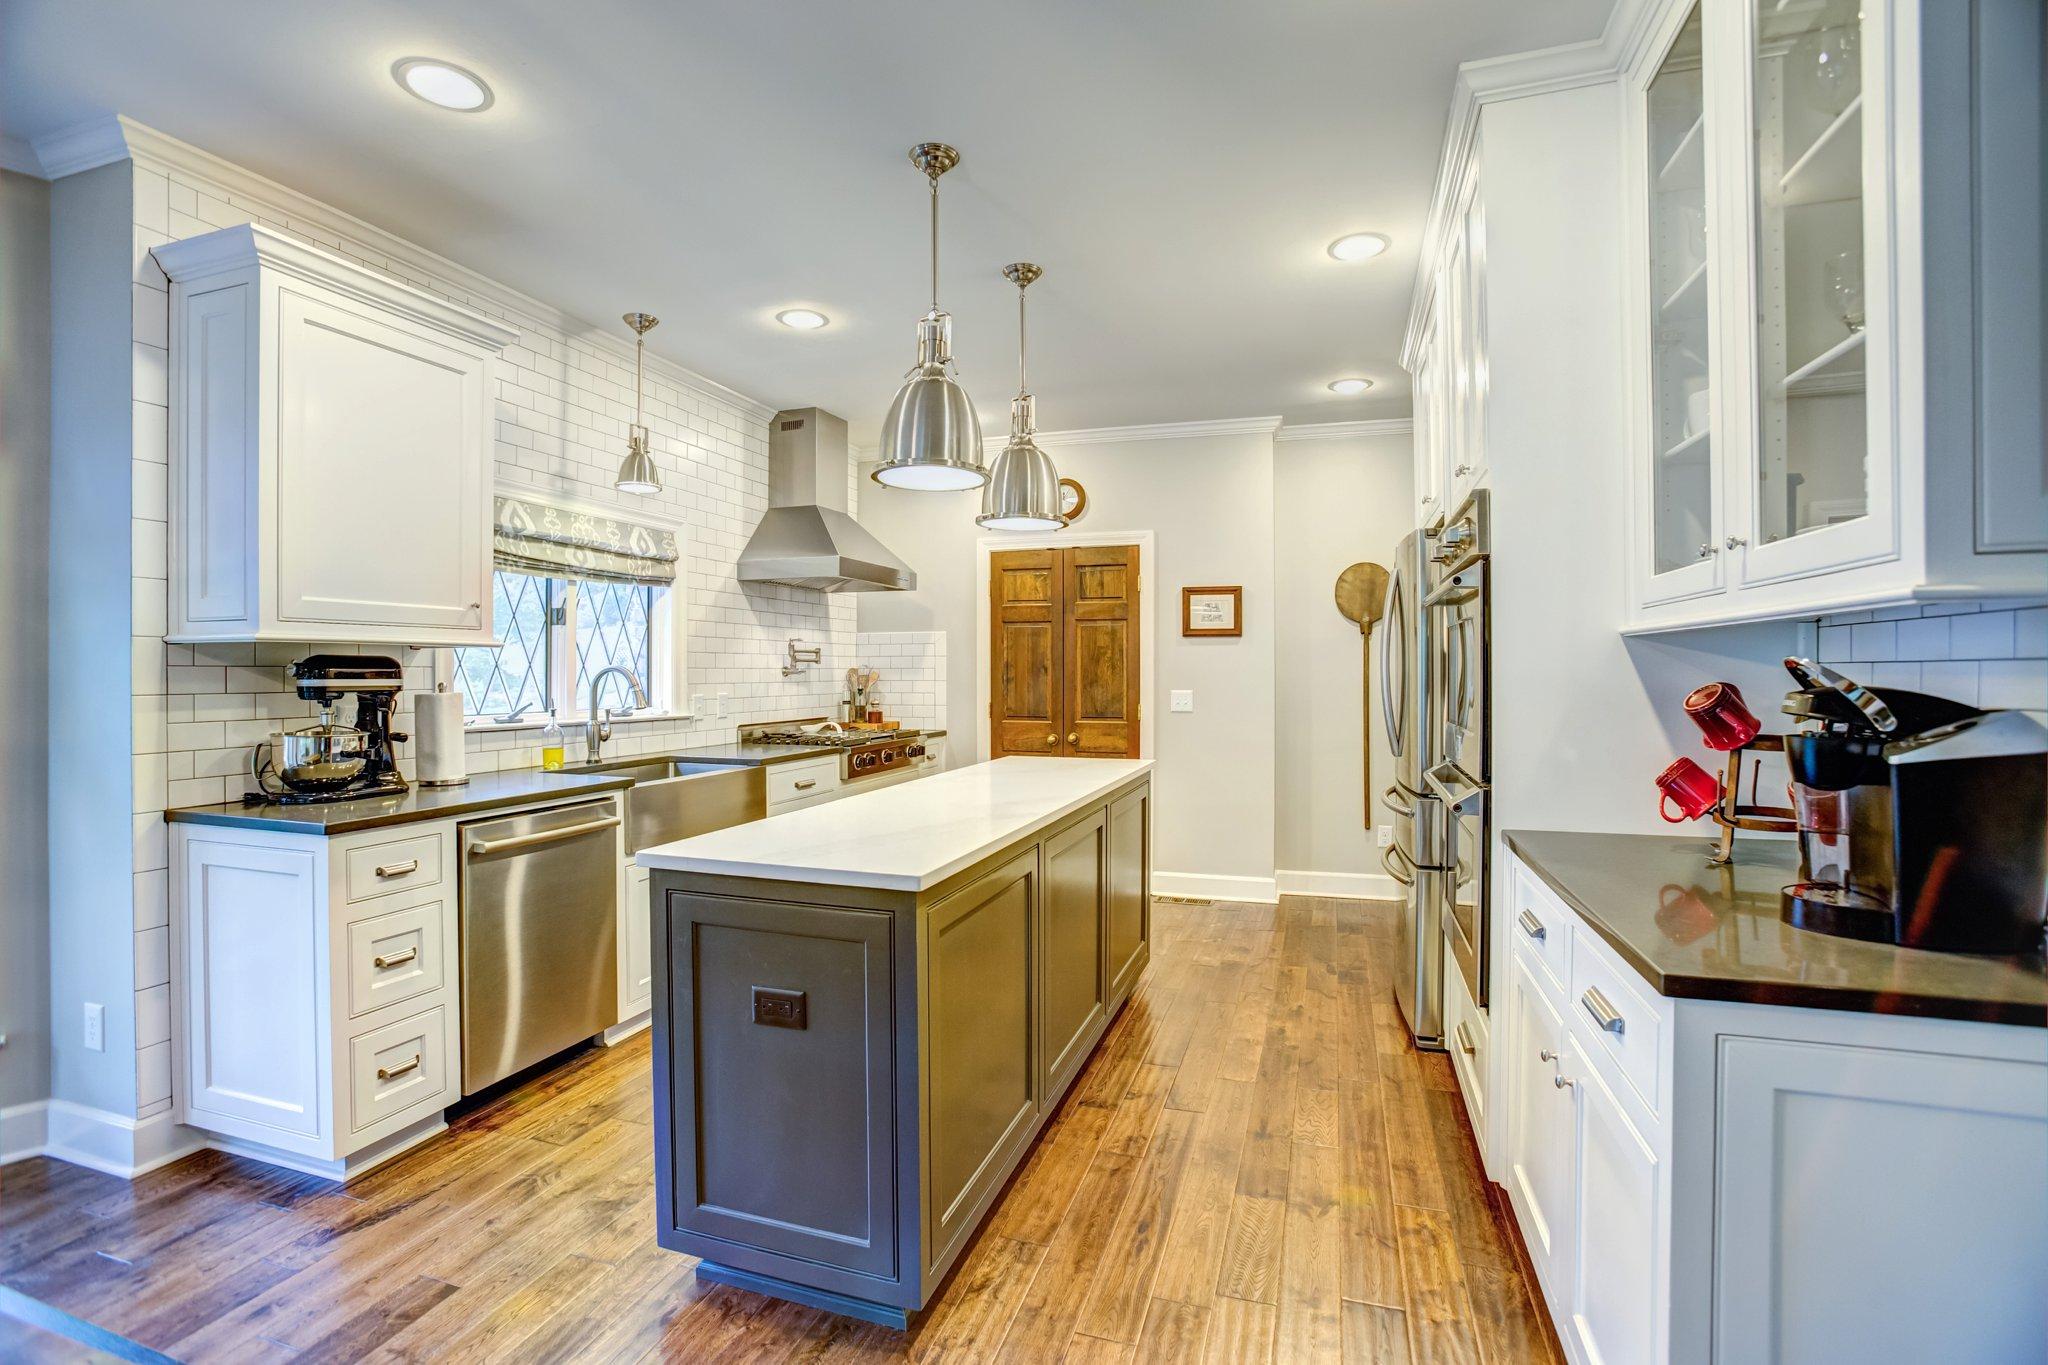 case design & remodeling - birmingham kitchen remodel — 205 photography